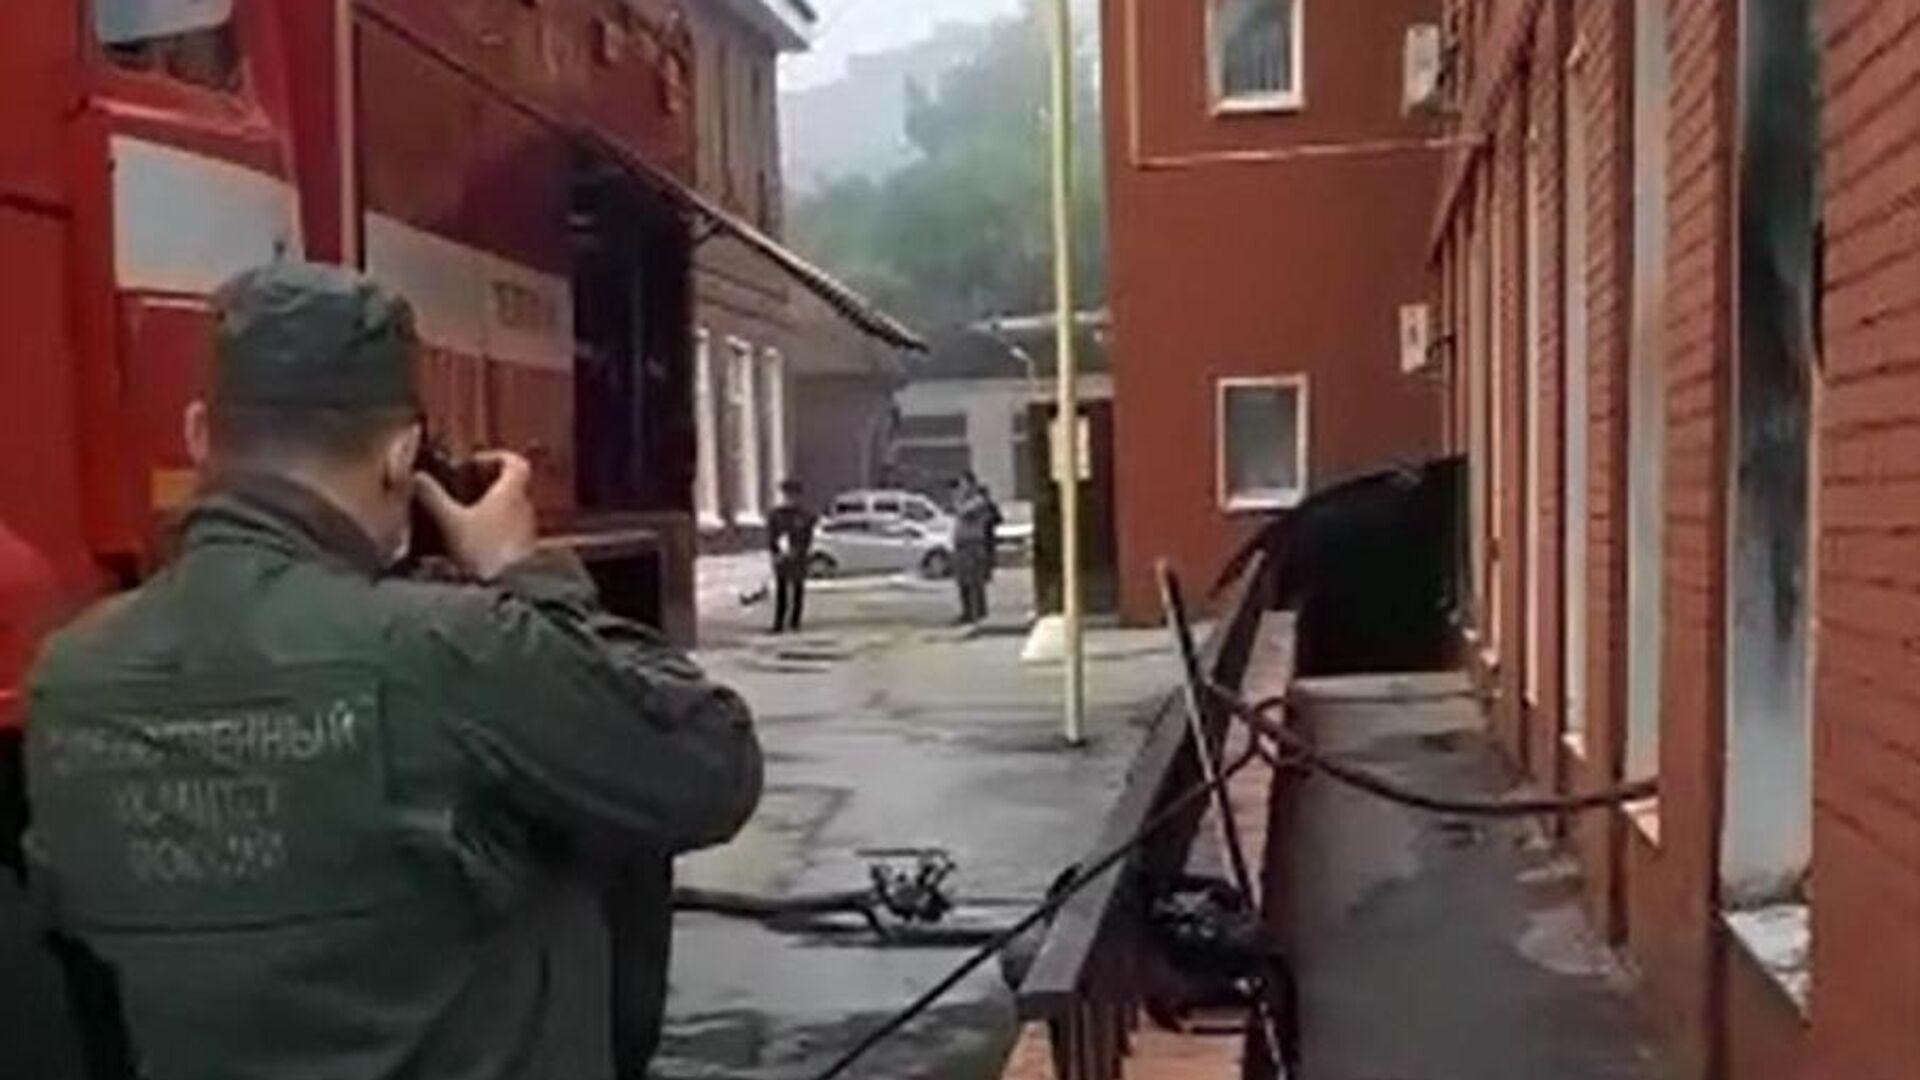 Сотрудник СК на месте пожара в больнице имени Семашко в Рязани - РИА Новости, 1920, 16.06.2021